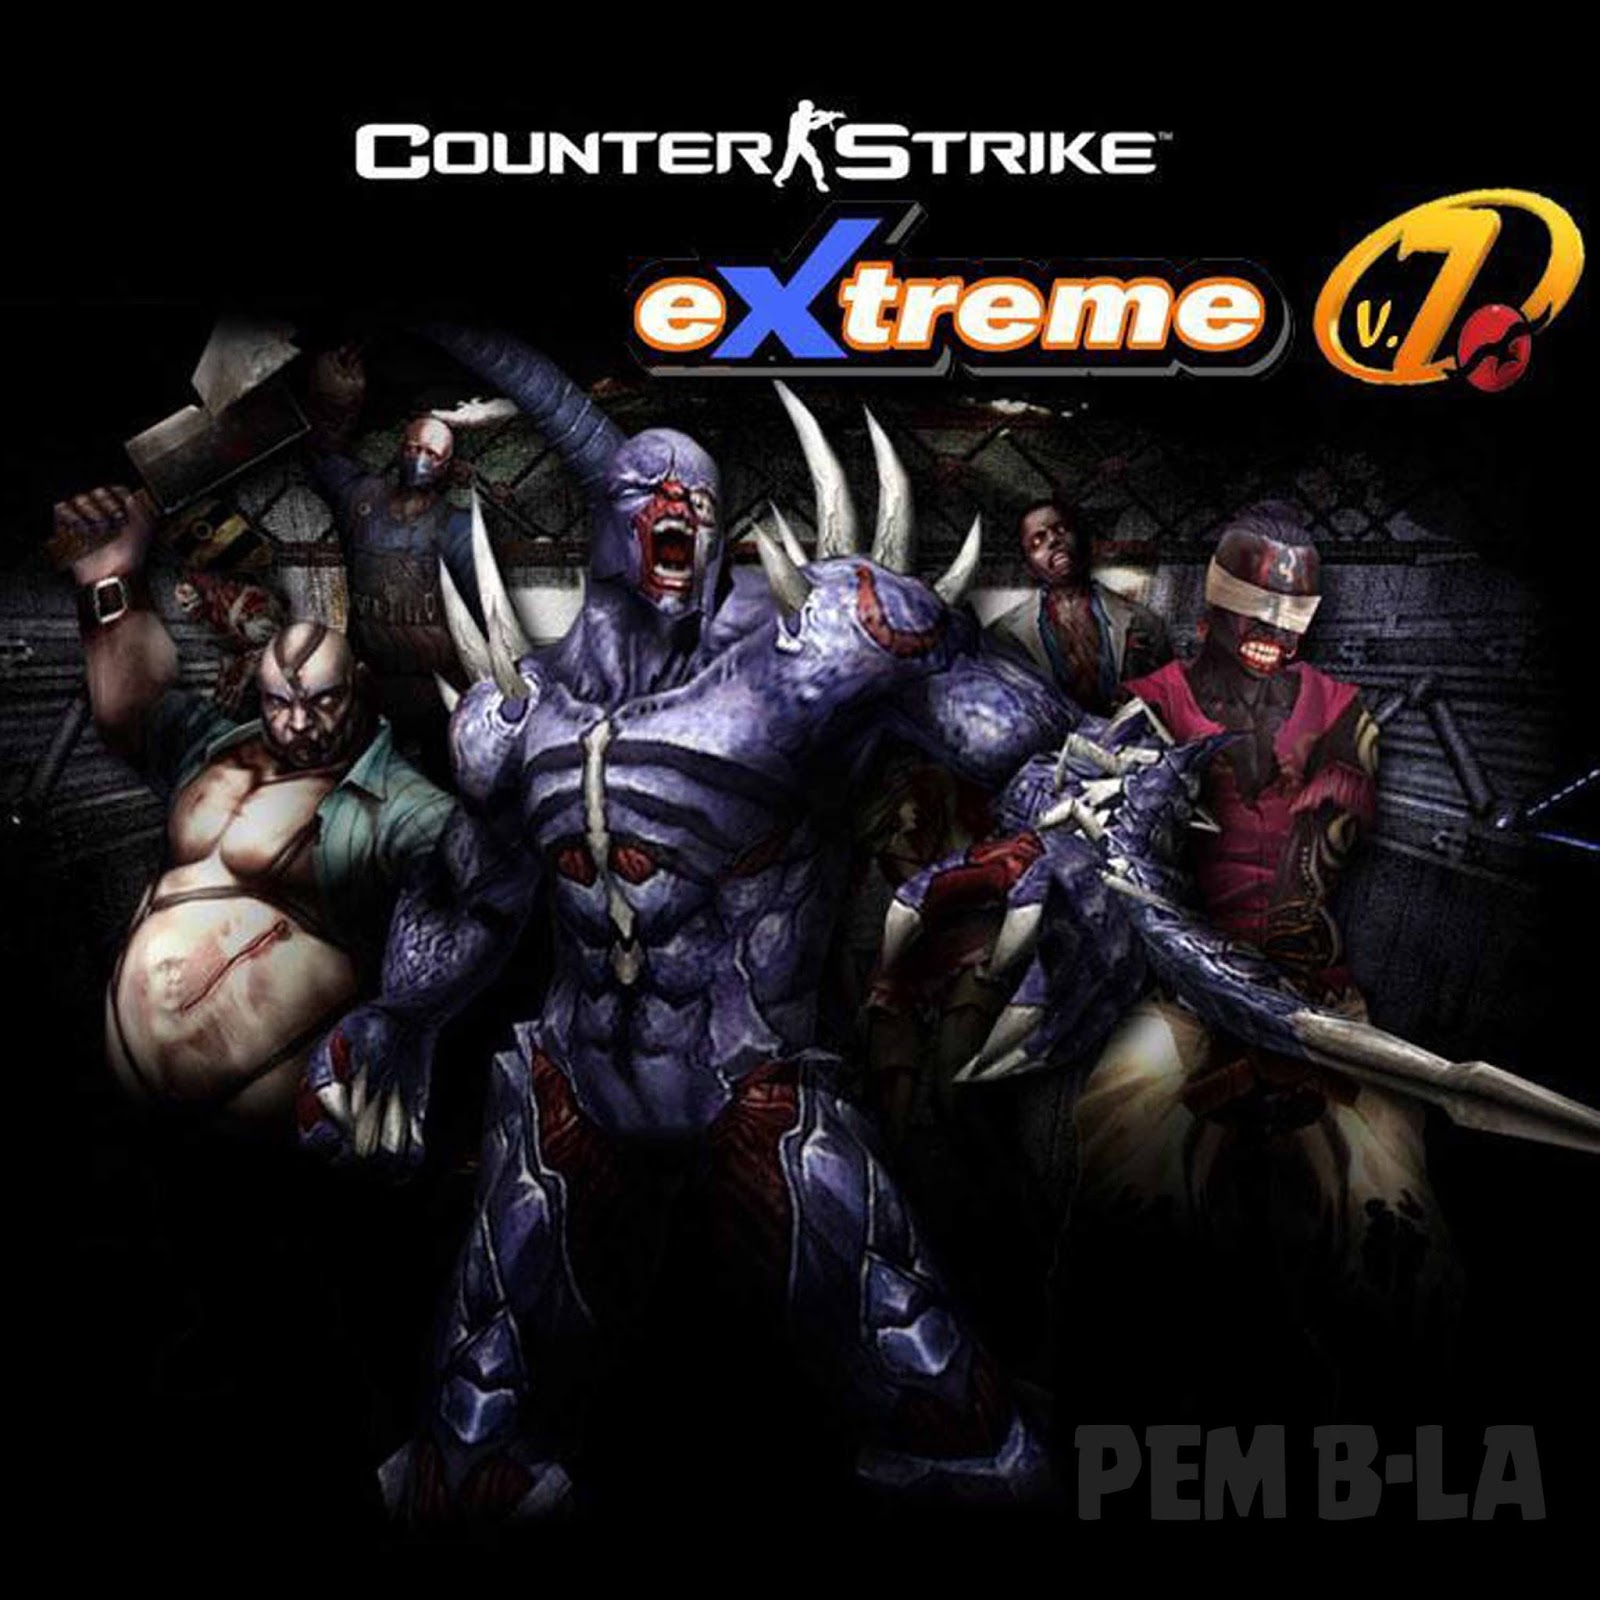 Counter strike extreme v7 offline bible download